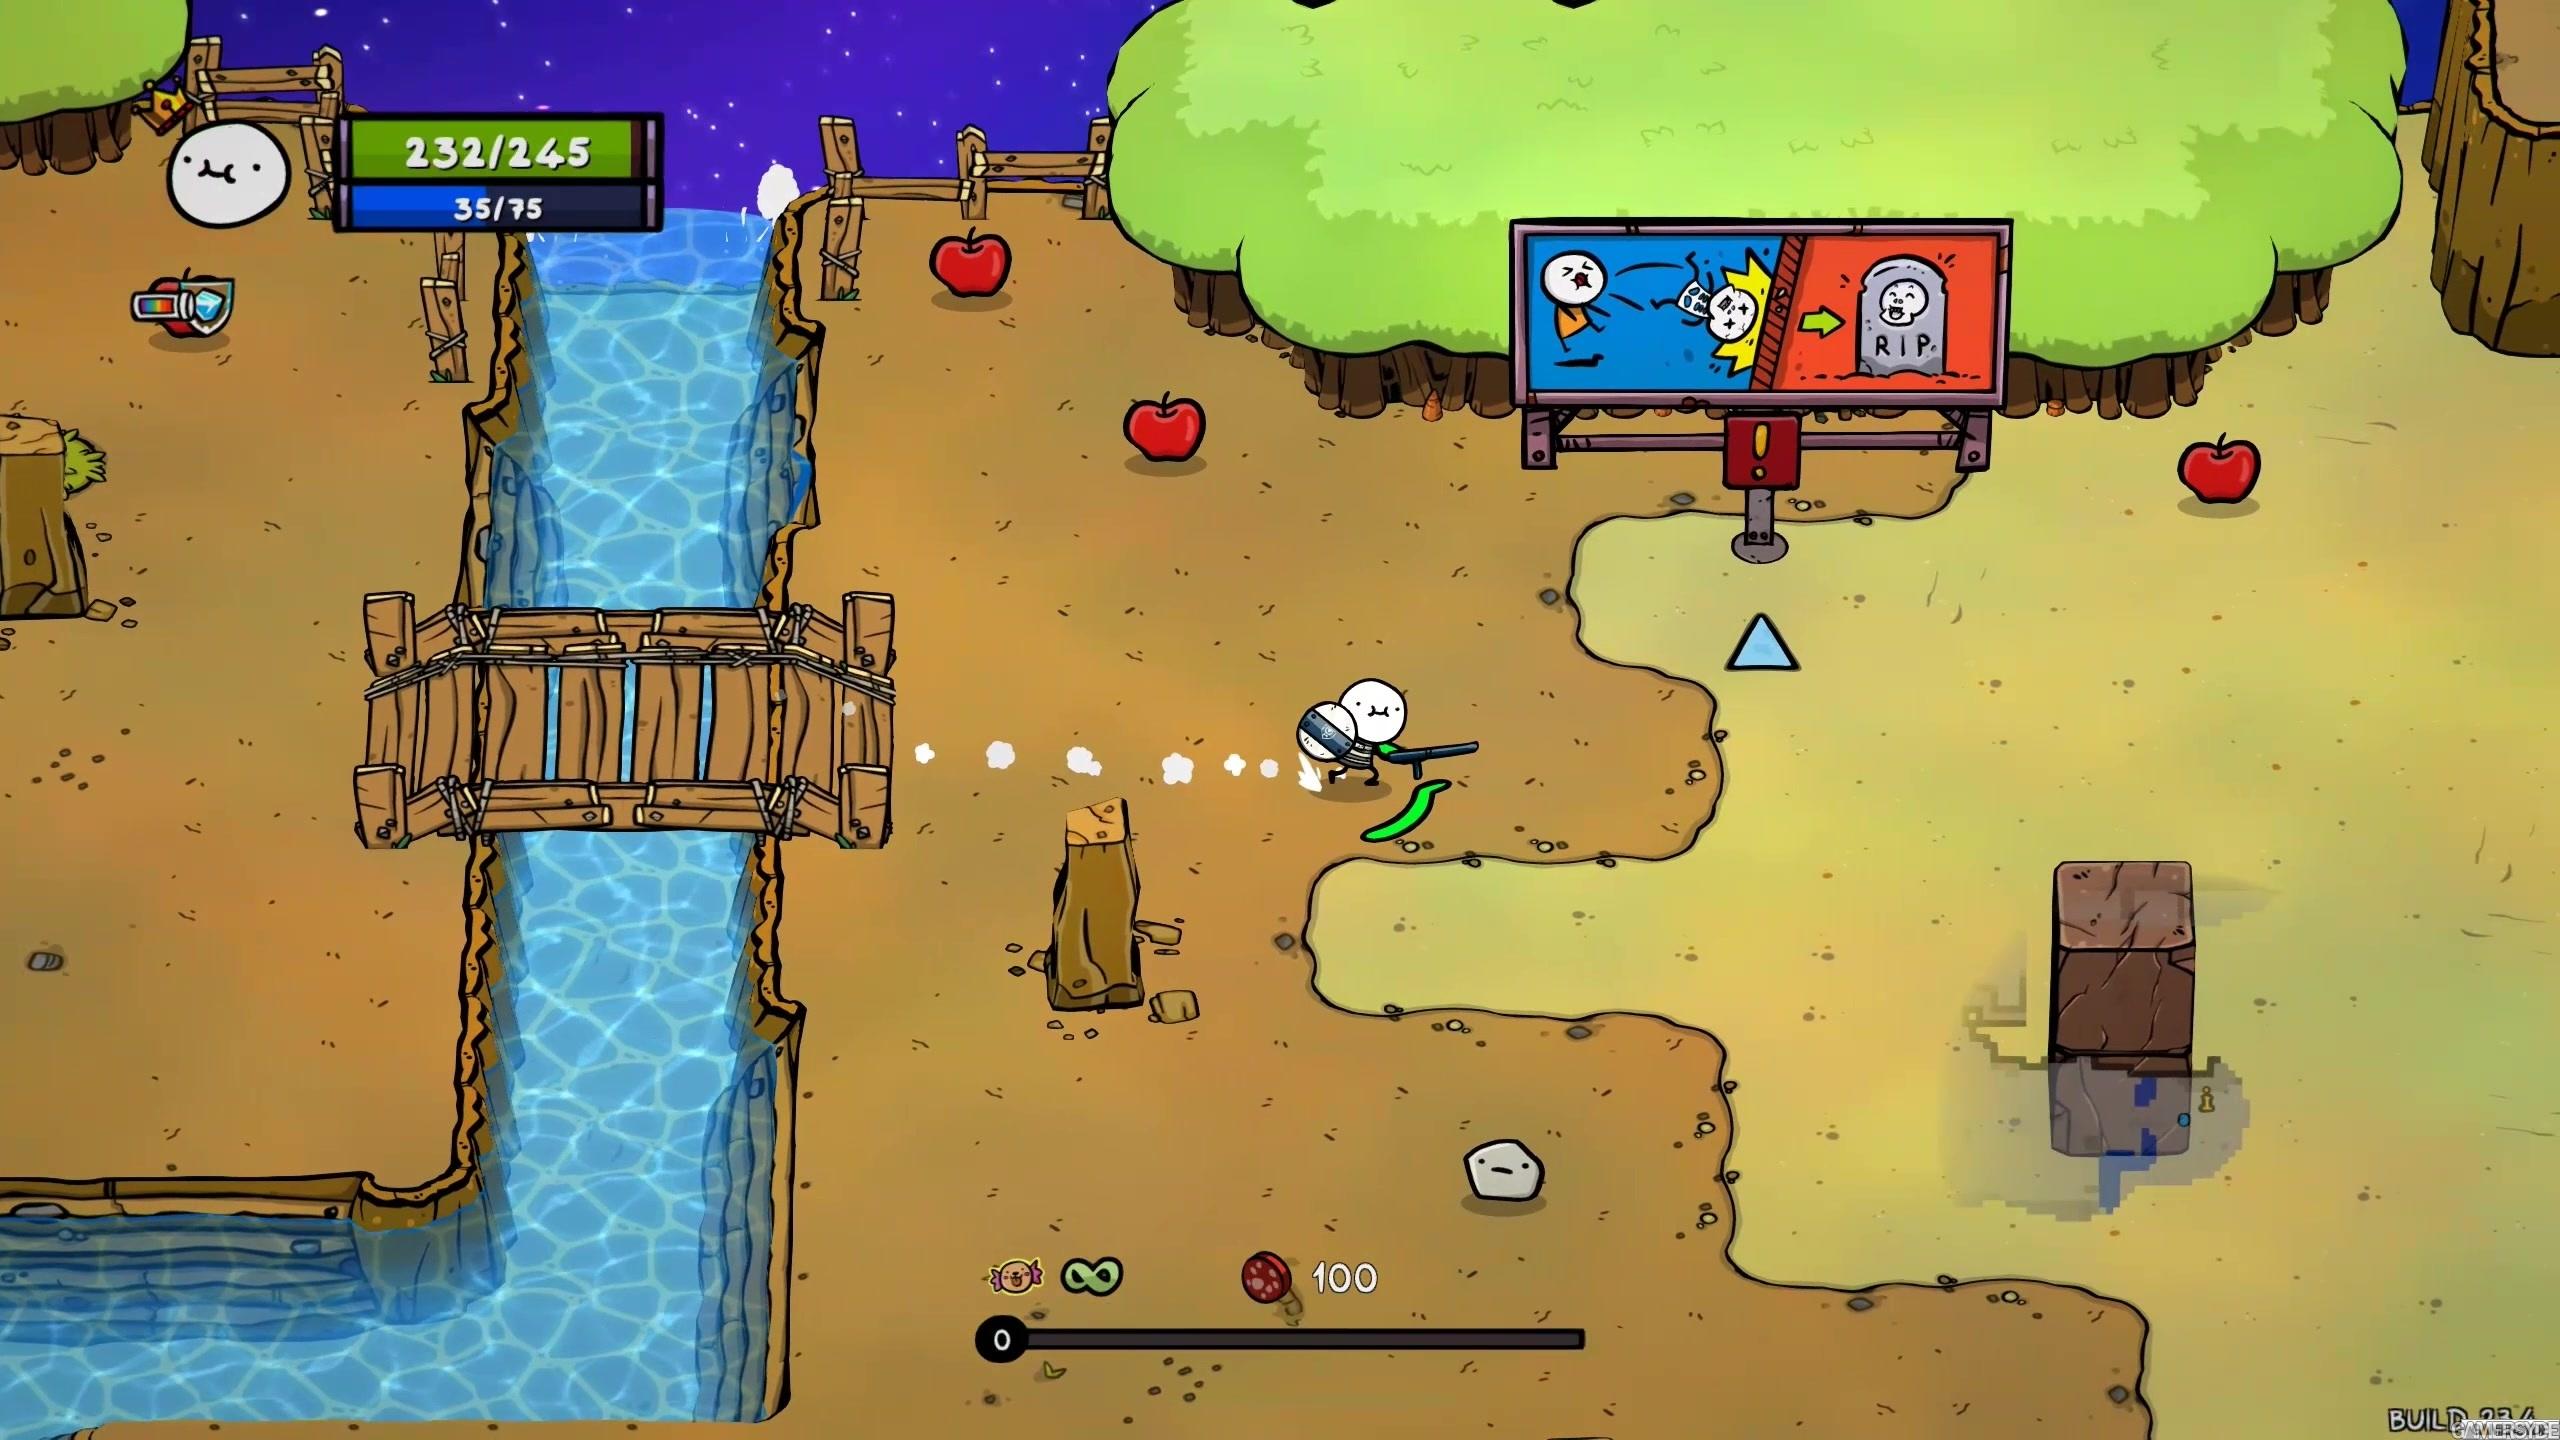 Super Cane Magic Zero - Gameplay #2 (PC - 1440p)